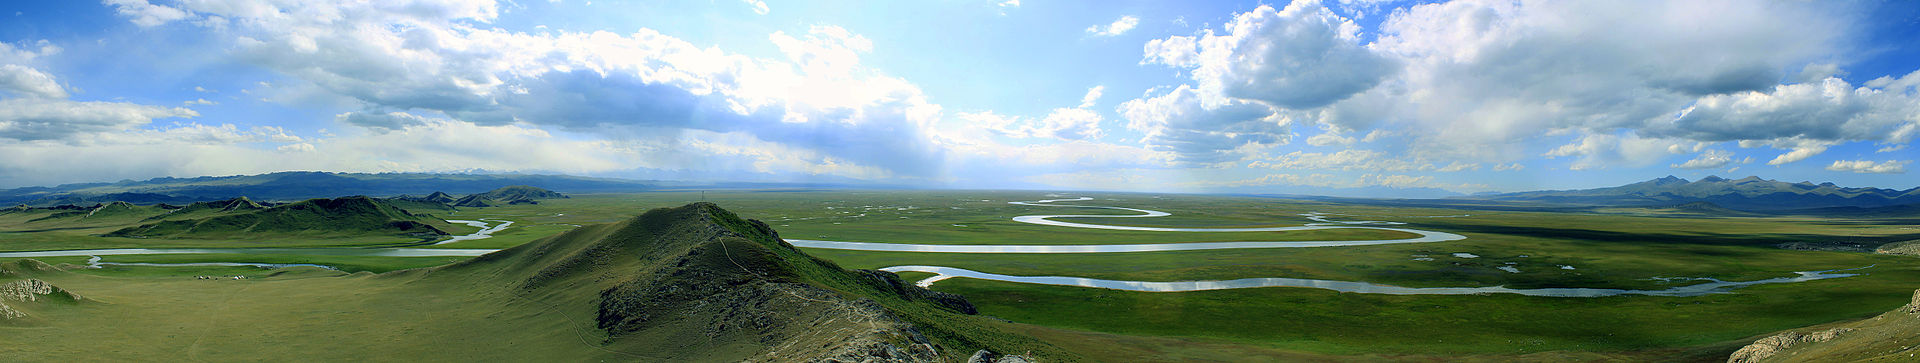 Bayanbulak_grassland.jpg